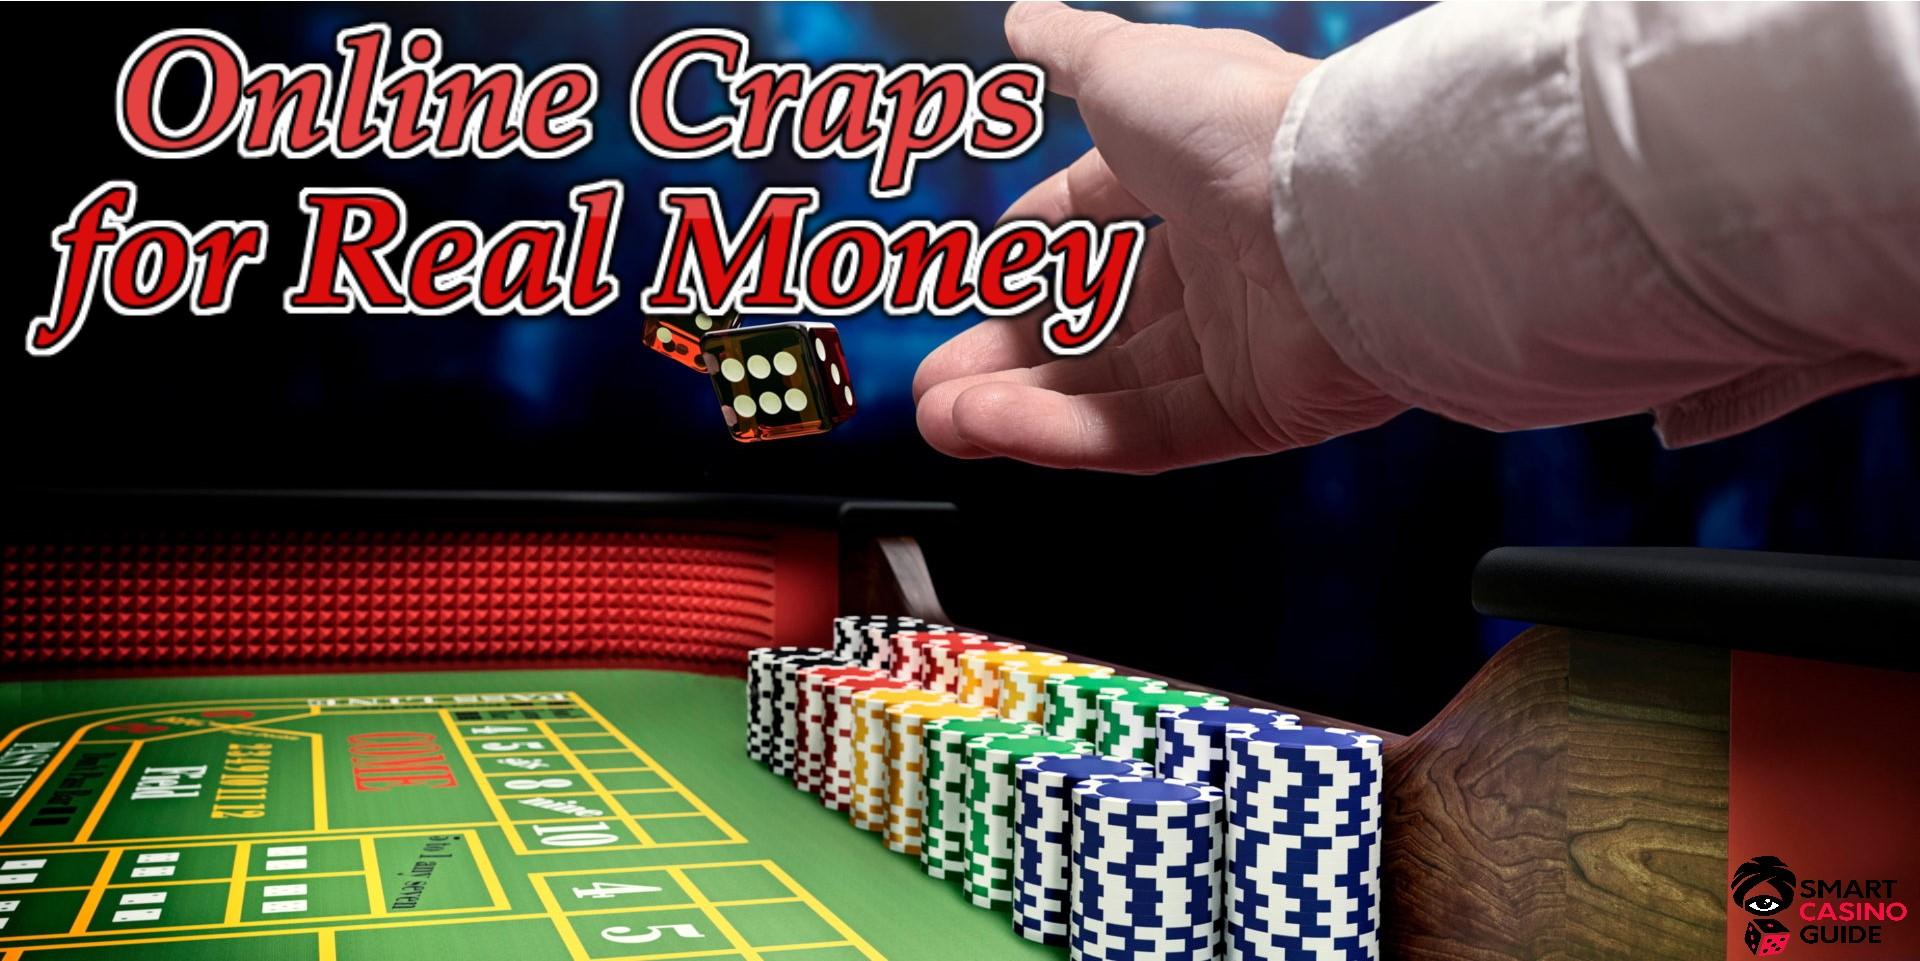 Craps Online Real Money